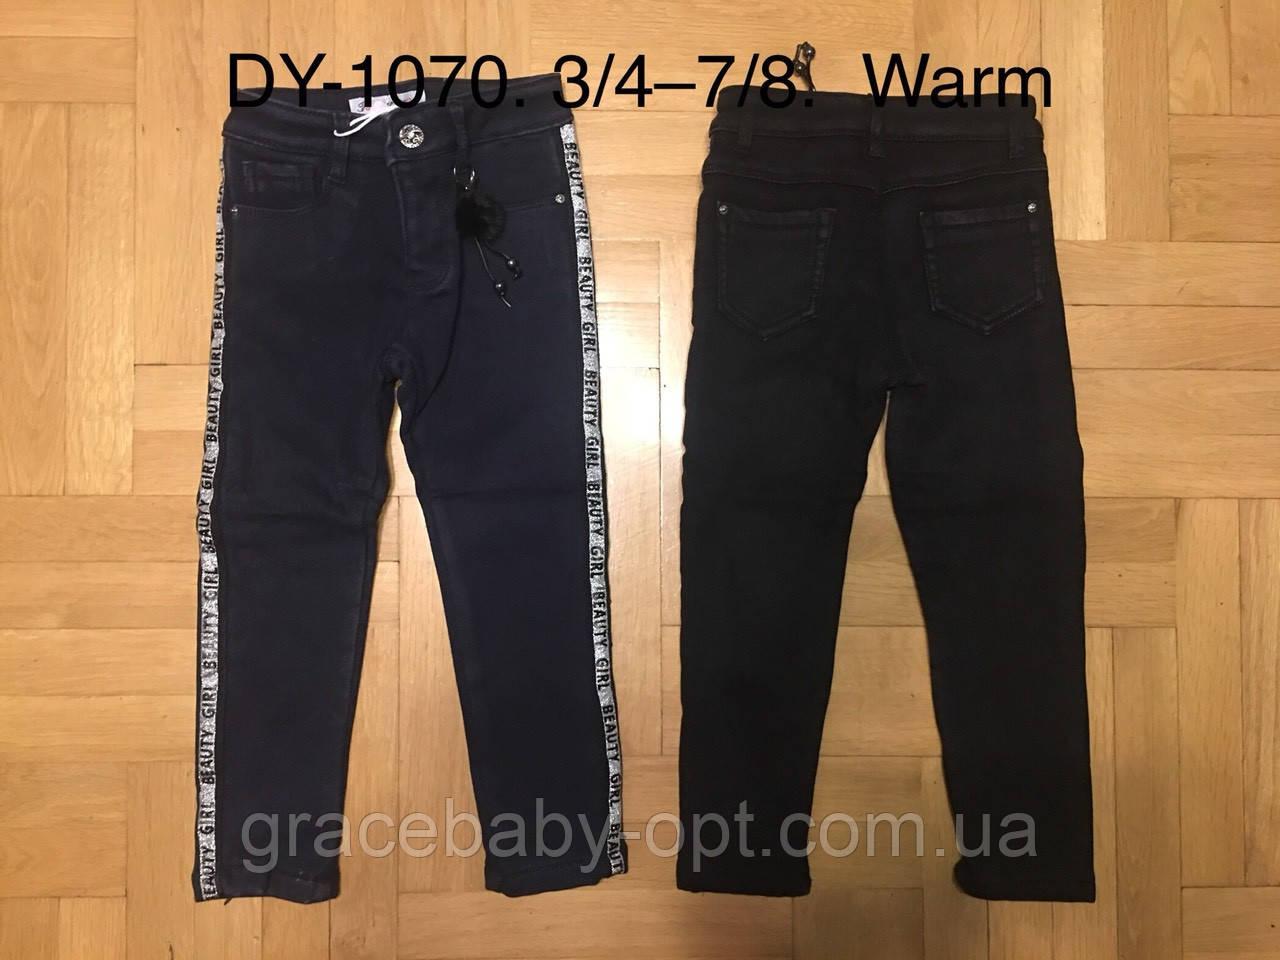 e7512acc5222 Джинсы утепленные для девочек оптом, F&D, 3/4-7/8 лет, № DY-1070: продажа,  цена в Ужгороде. ...